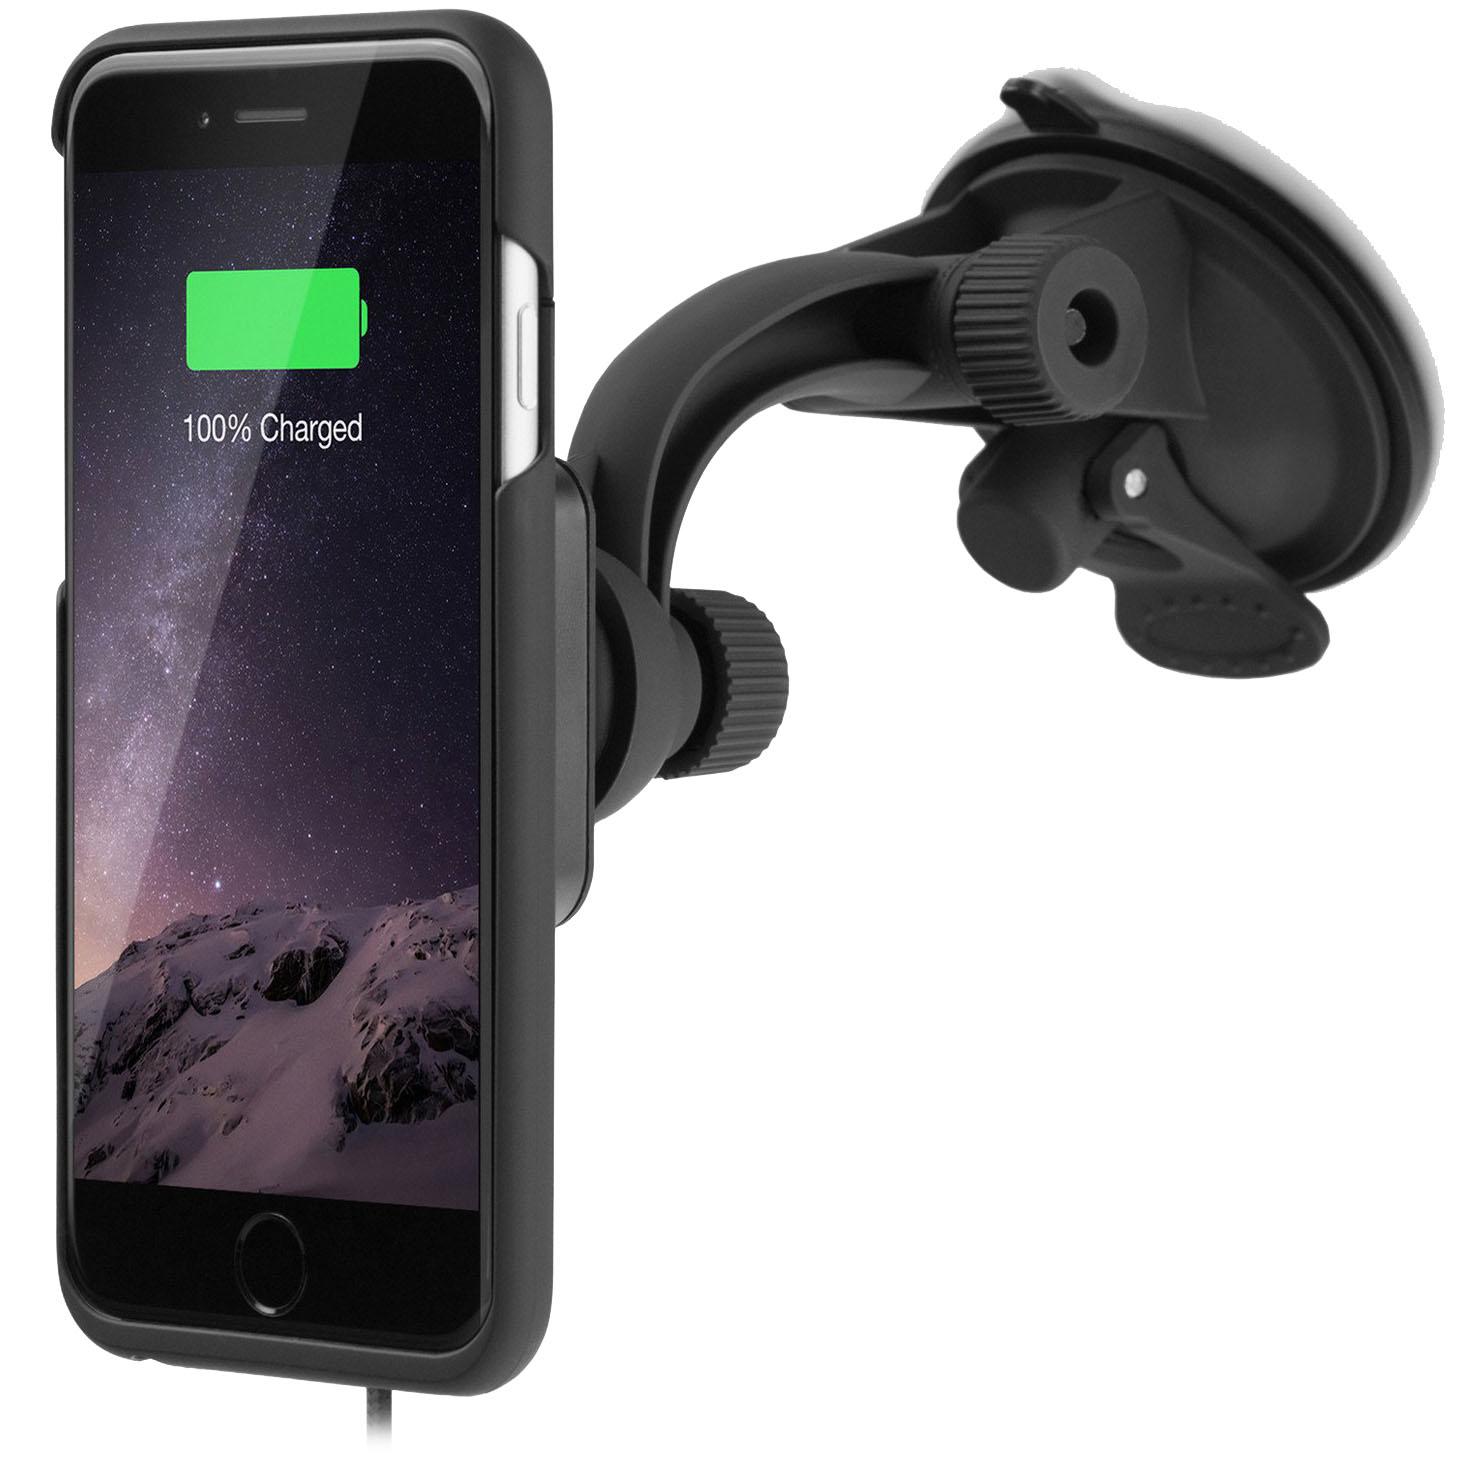 Комплект XVIDA Charging Car Kit (автодержатель с беспроводной зарядкой + чехол) для iPhone 7 Plus от iCases